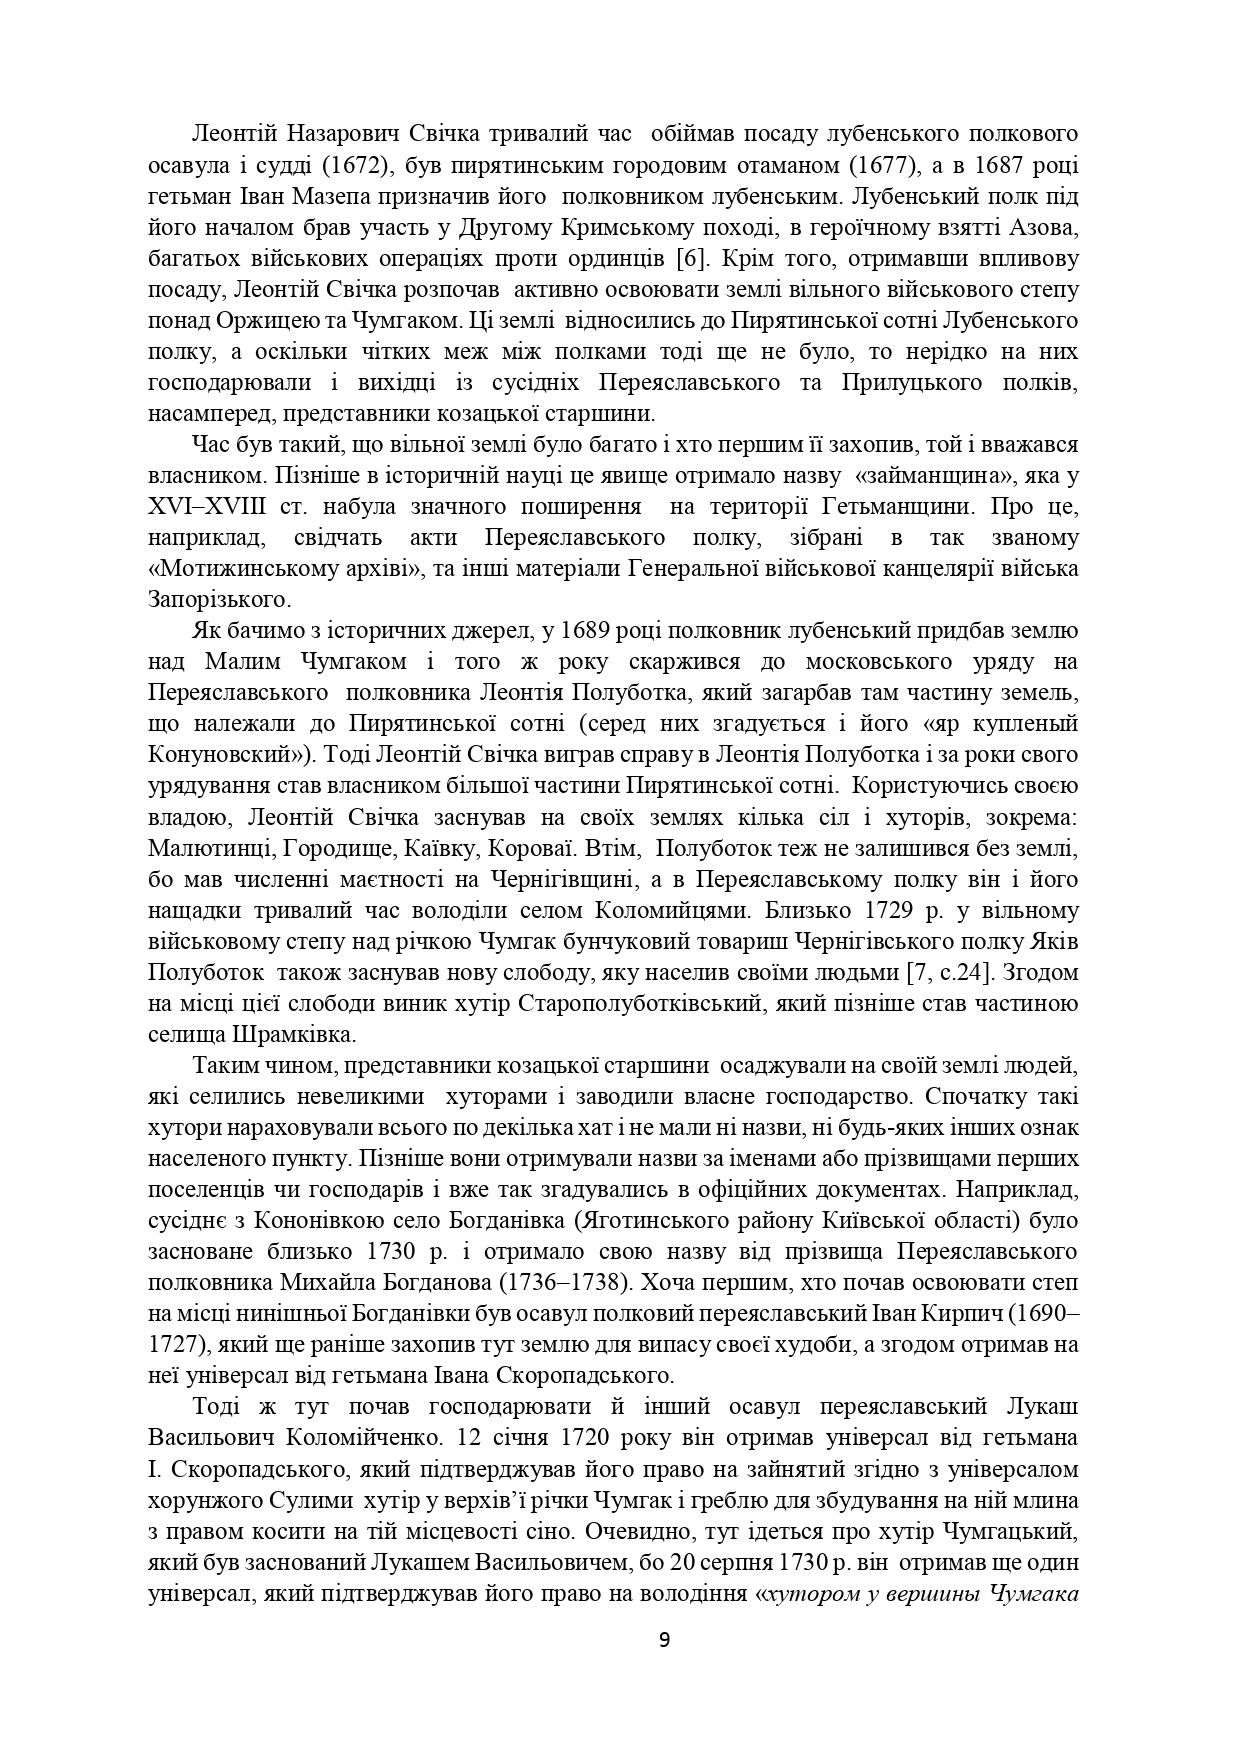 ІСТОРІЯ СЕЛА КОНОНІВКА 2021 (1)_page-0009